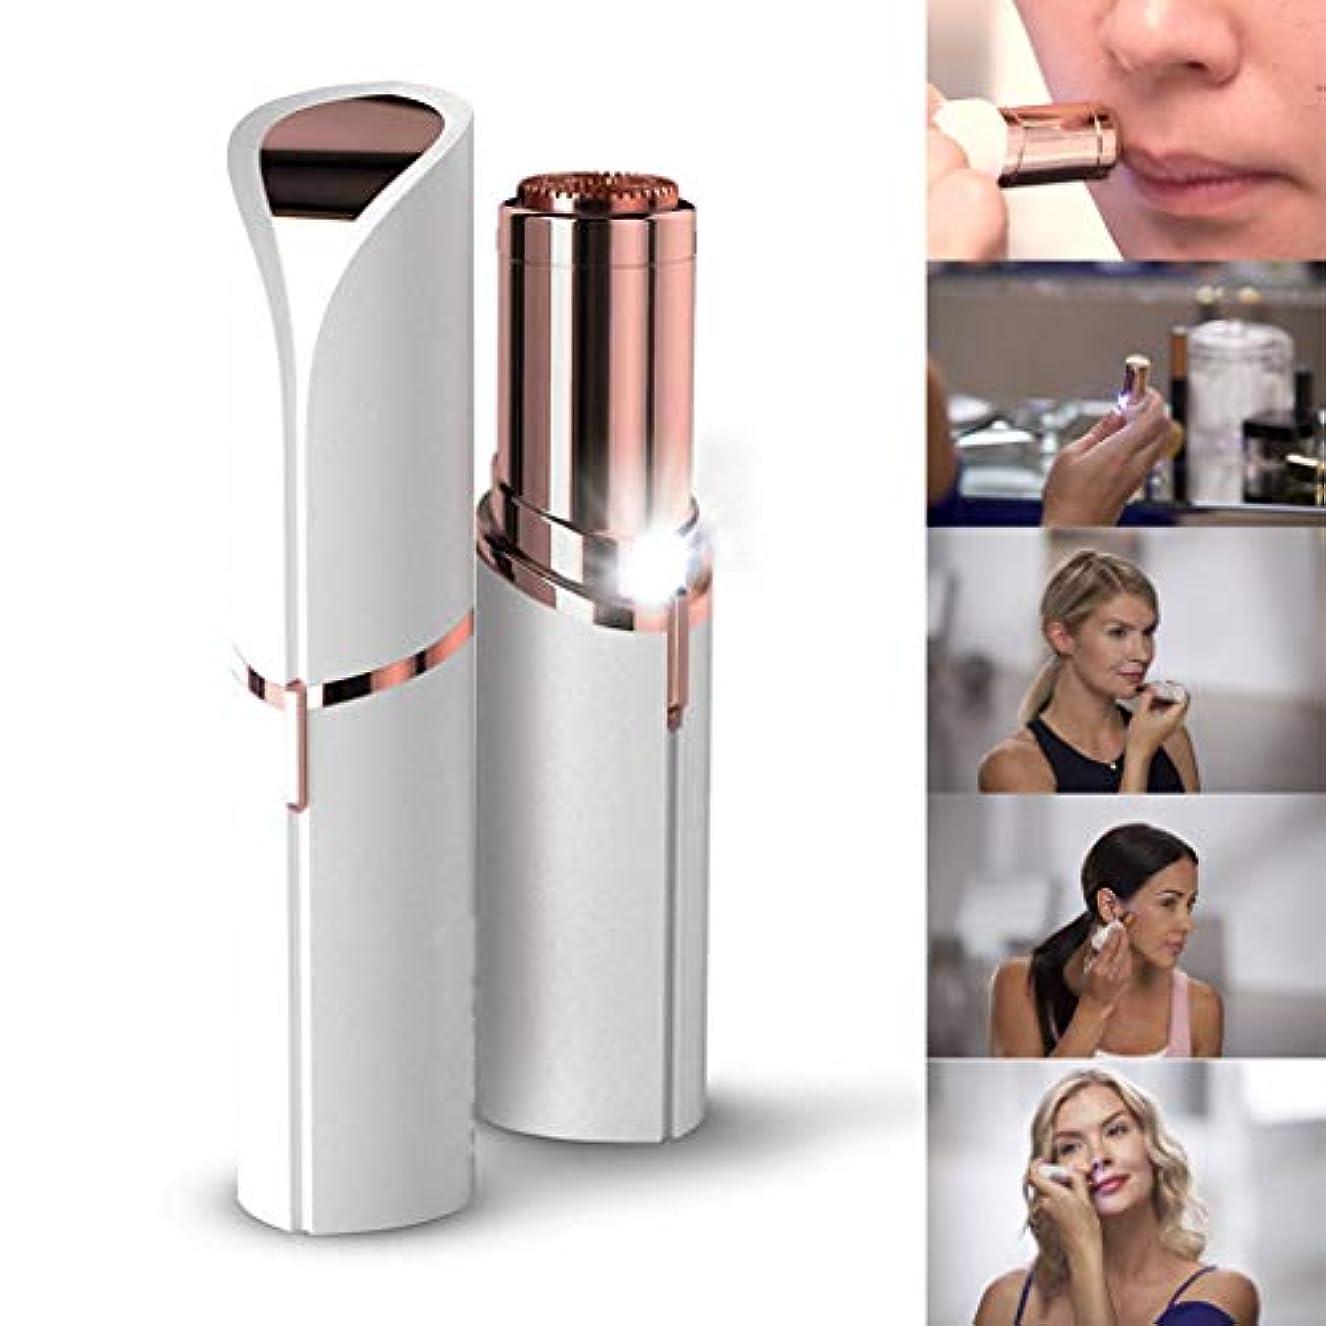 わずかなコック抜本的な女性のための顔用ヘアトリマー、女性の無痛脱毛かみそり脱毛器ポータブル電気顔用ヘアリムーバル(電池式)